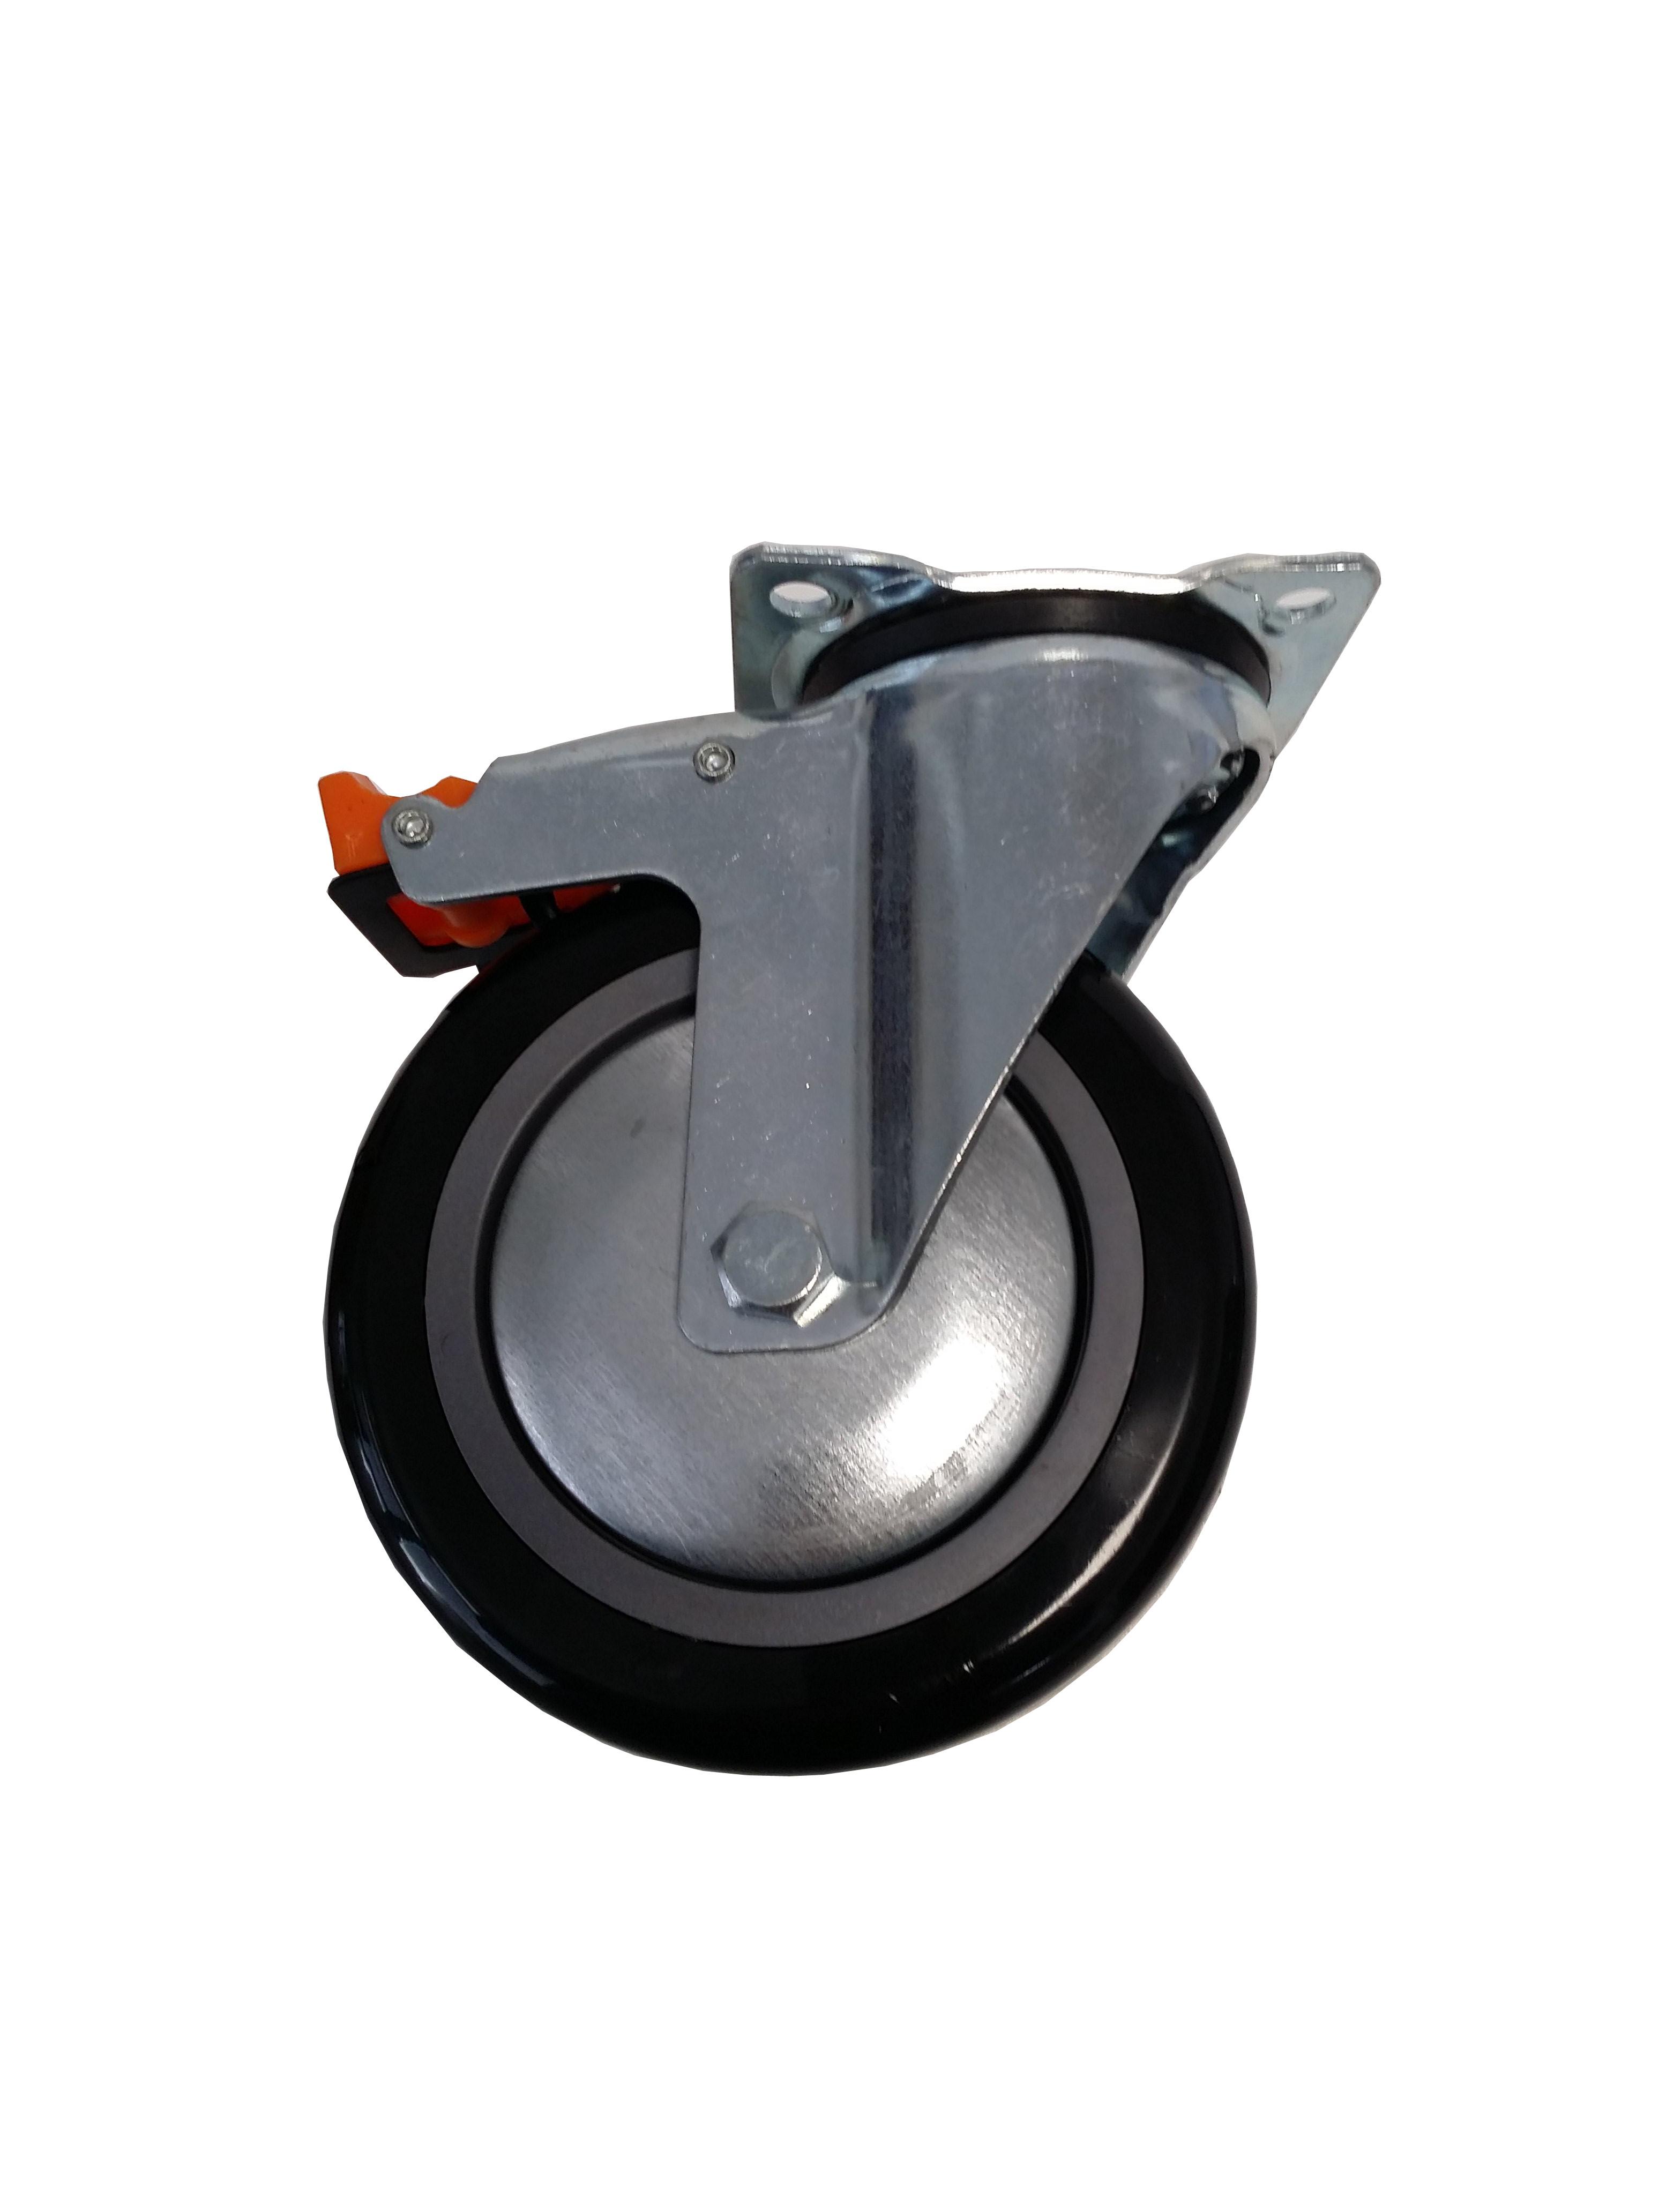 Ruota girevole con freno beta 2400s r gf ricambio per - Riparazione finestre vasistas ...